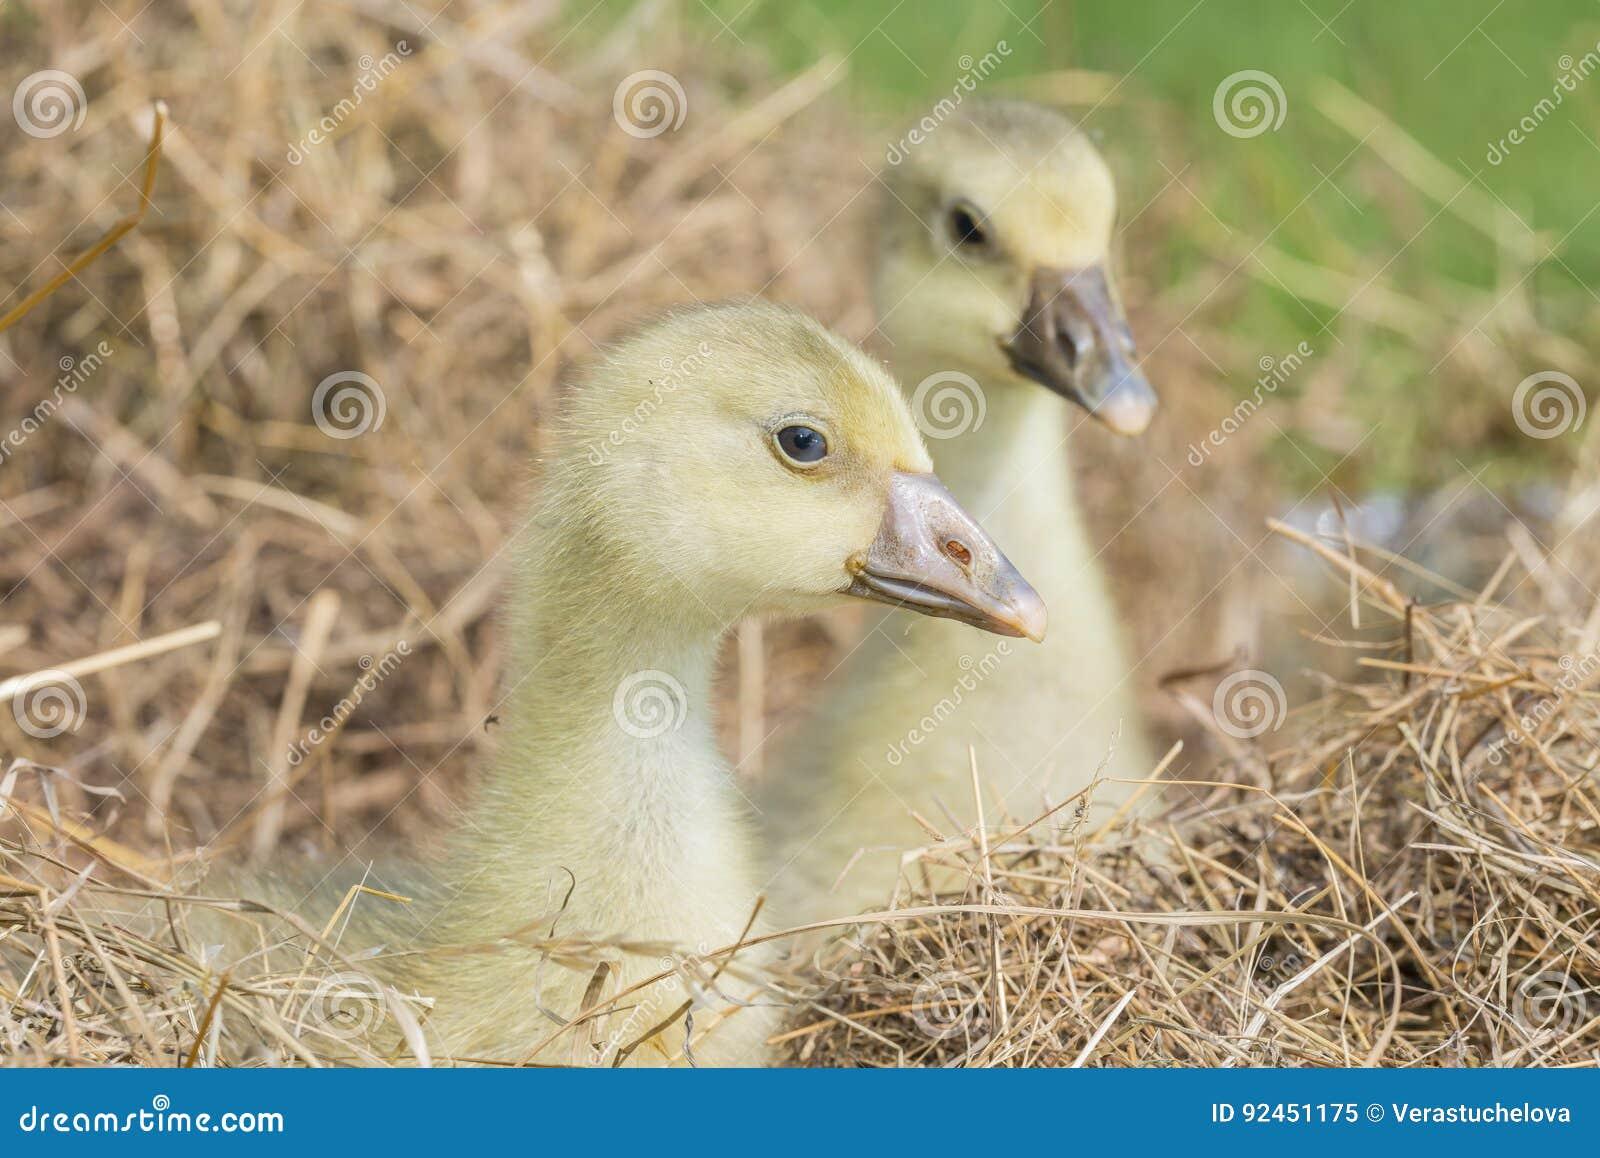 Goslings - white goose